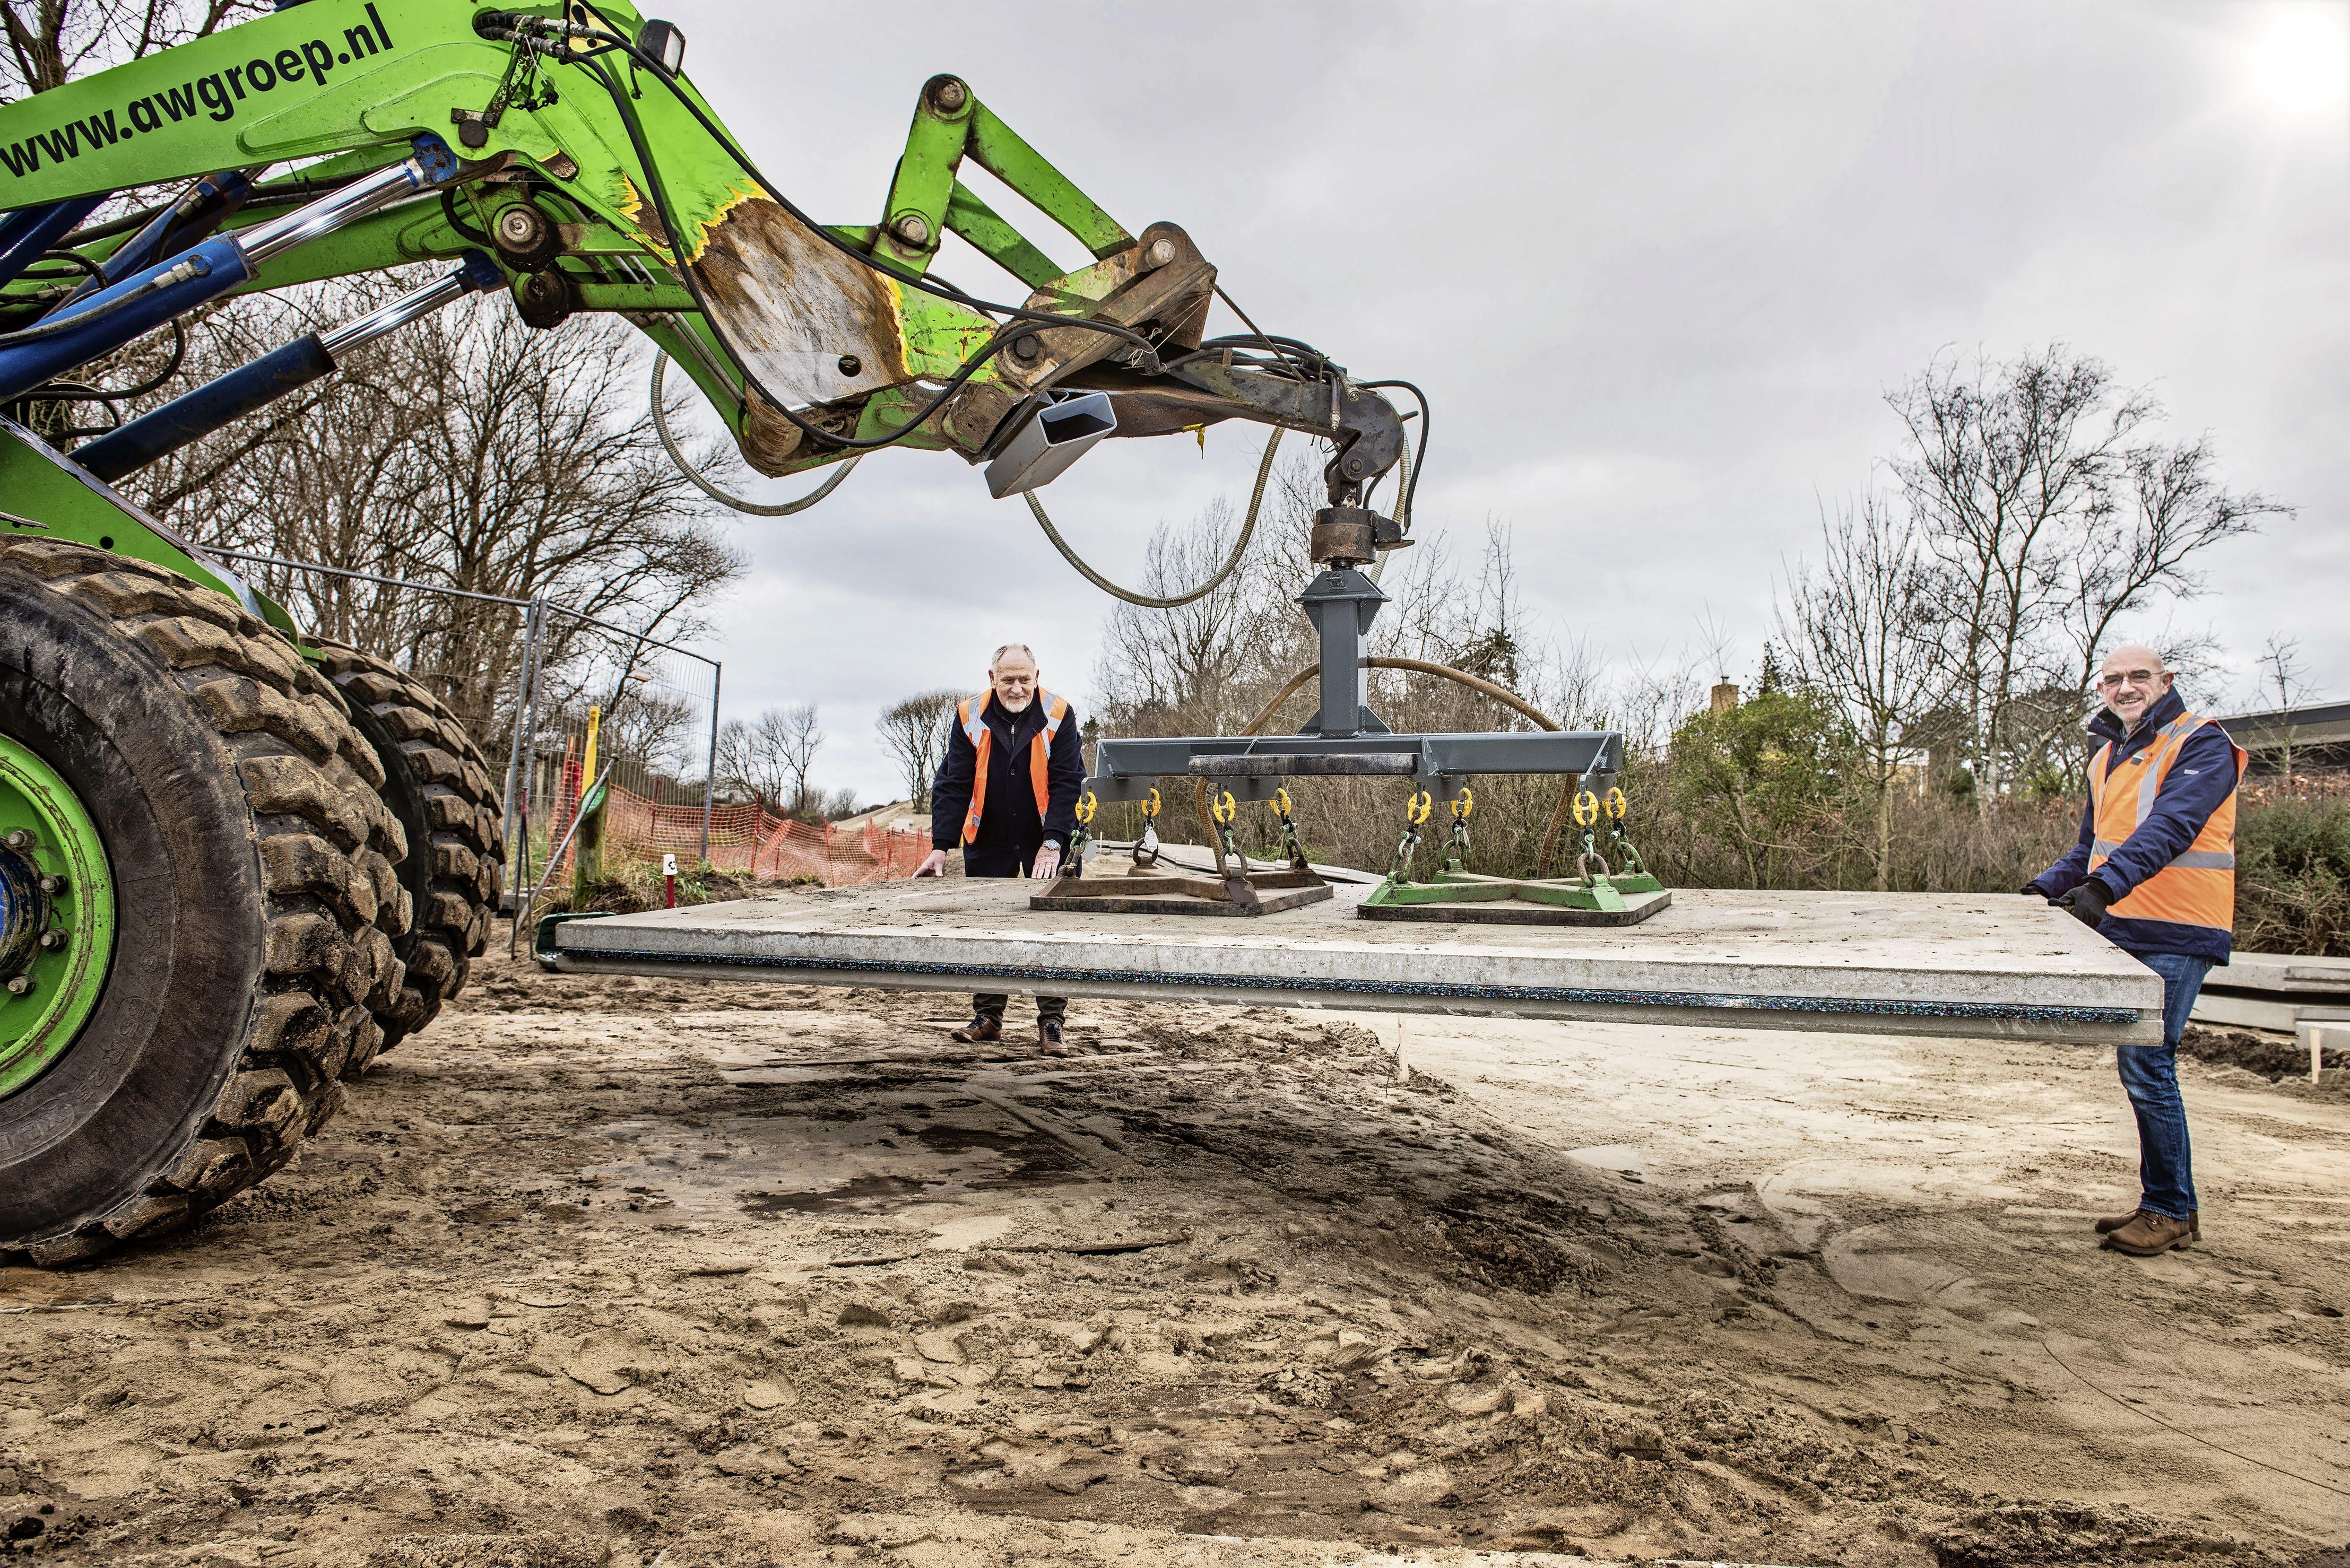 Nieuw fietspad door Katwijkse duinen gaat Rijwielpad Vlaggeduin heten, Valkenburgse viaducten worden vernoemd naar Romeinse forten